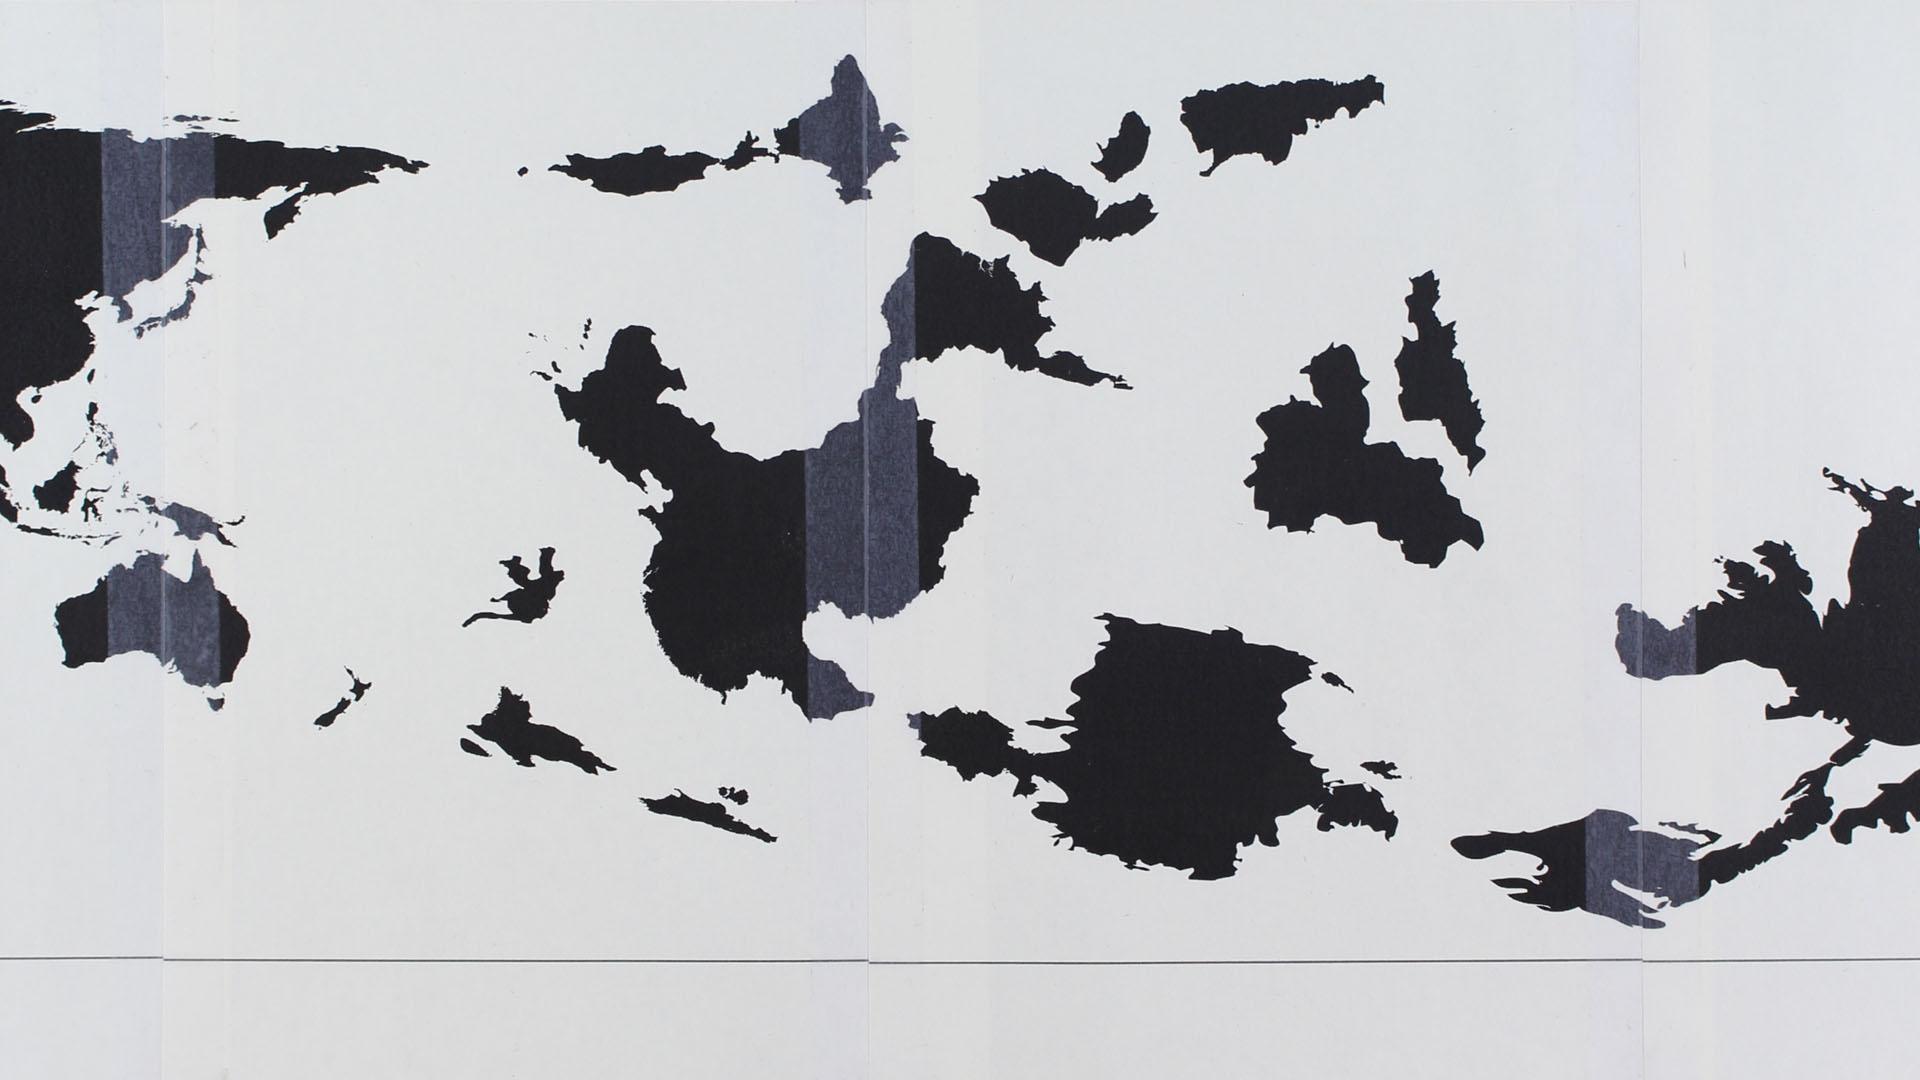 Piotr Bosacki, Mapa